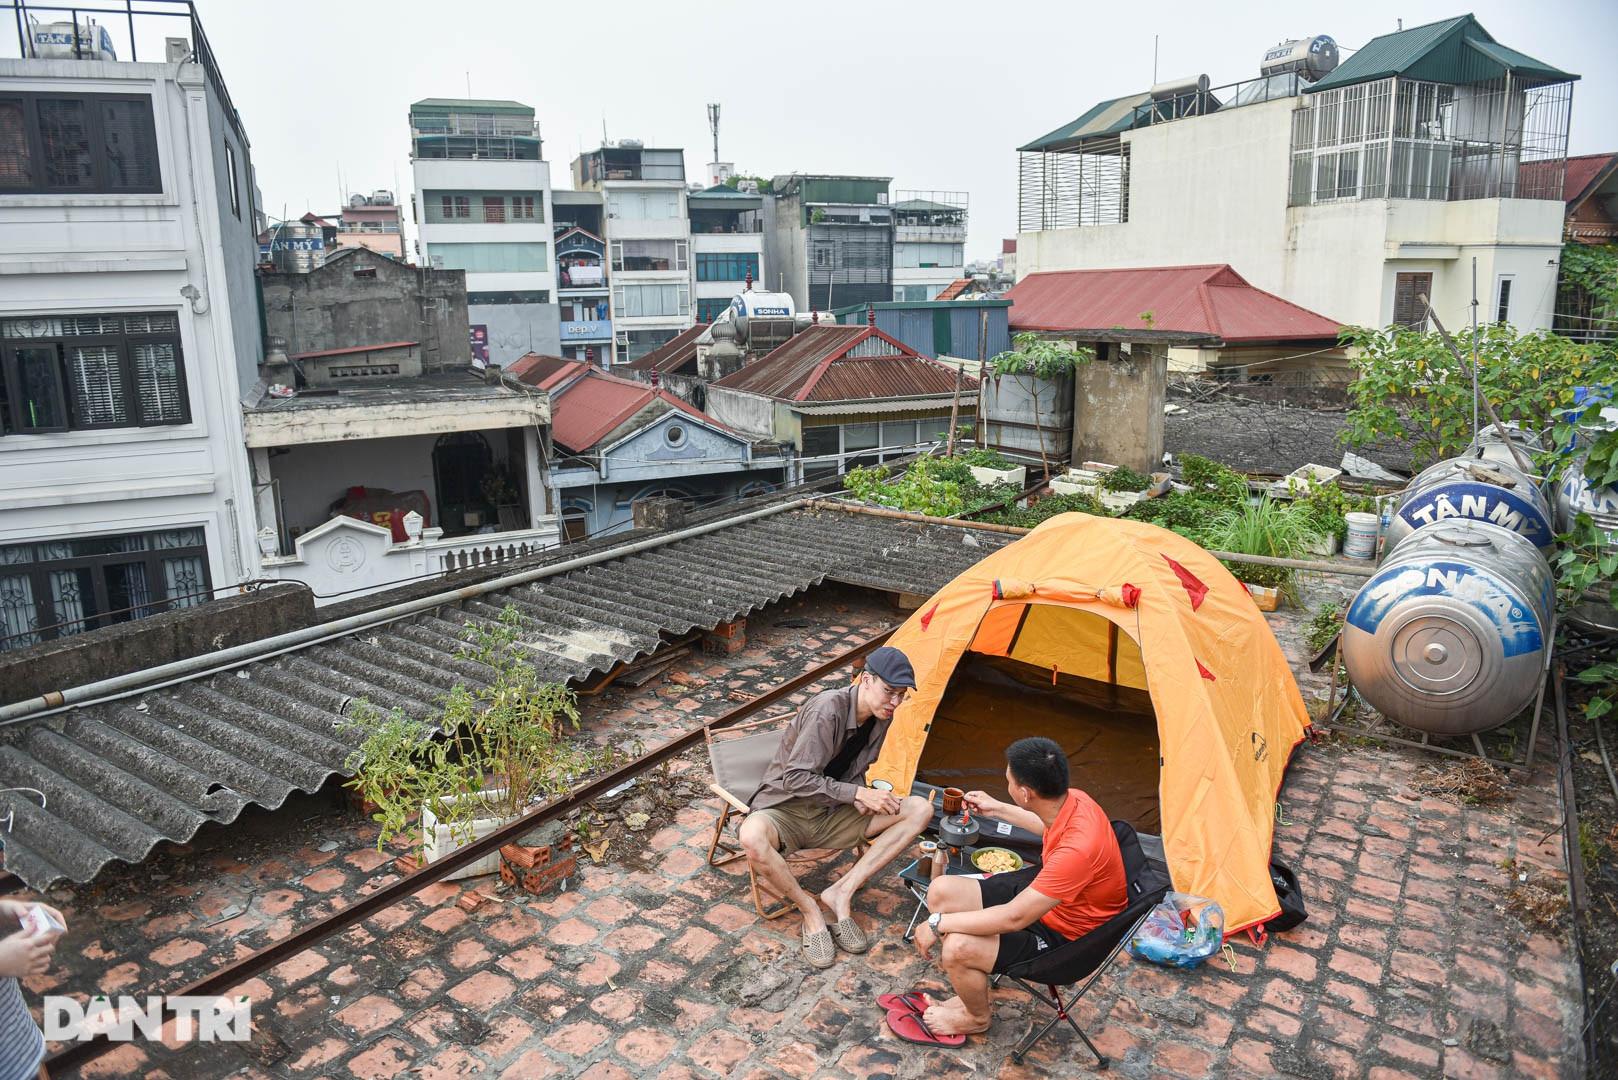 Thèm du lịch, giới trẻ đầu tư cắm trại tại gia: Chỉ ngắm nóc nhà vẫn vui-1